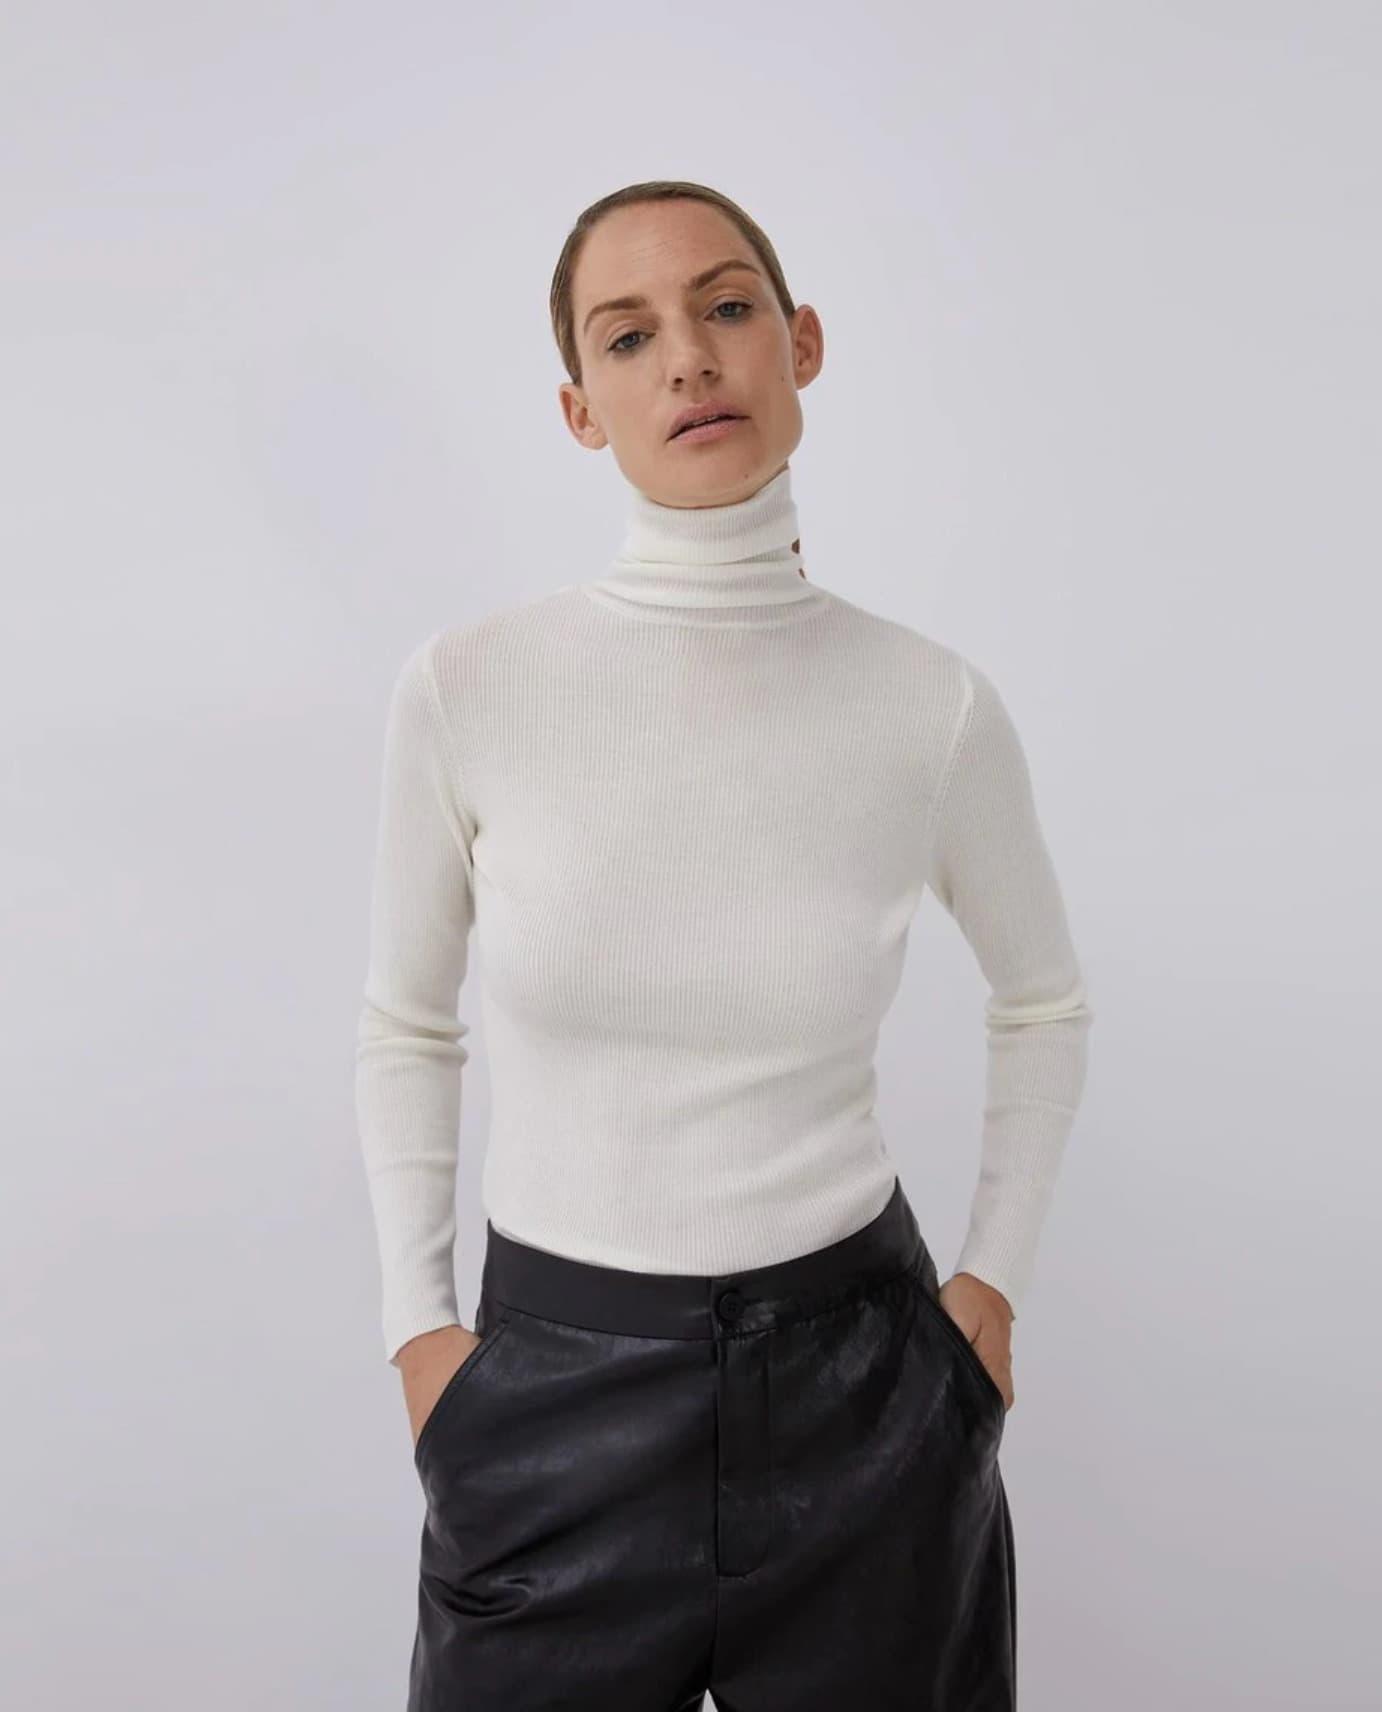 Jersey de mujer de lana merino con cuello alto